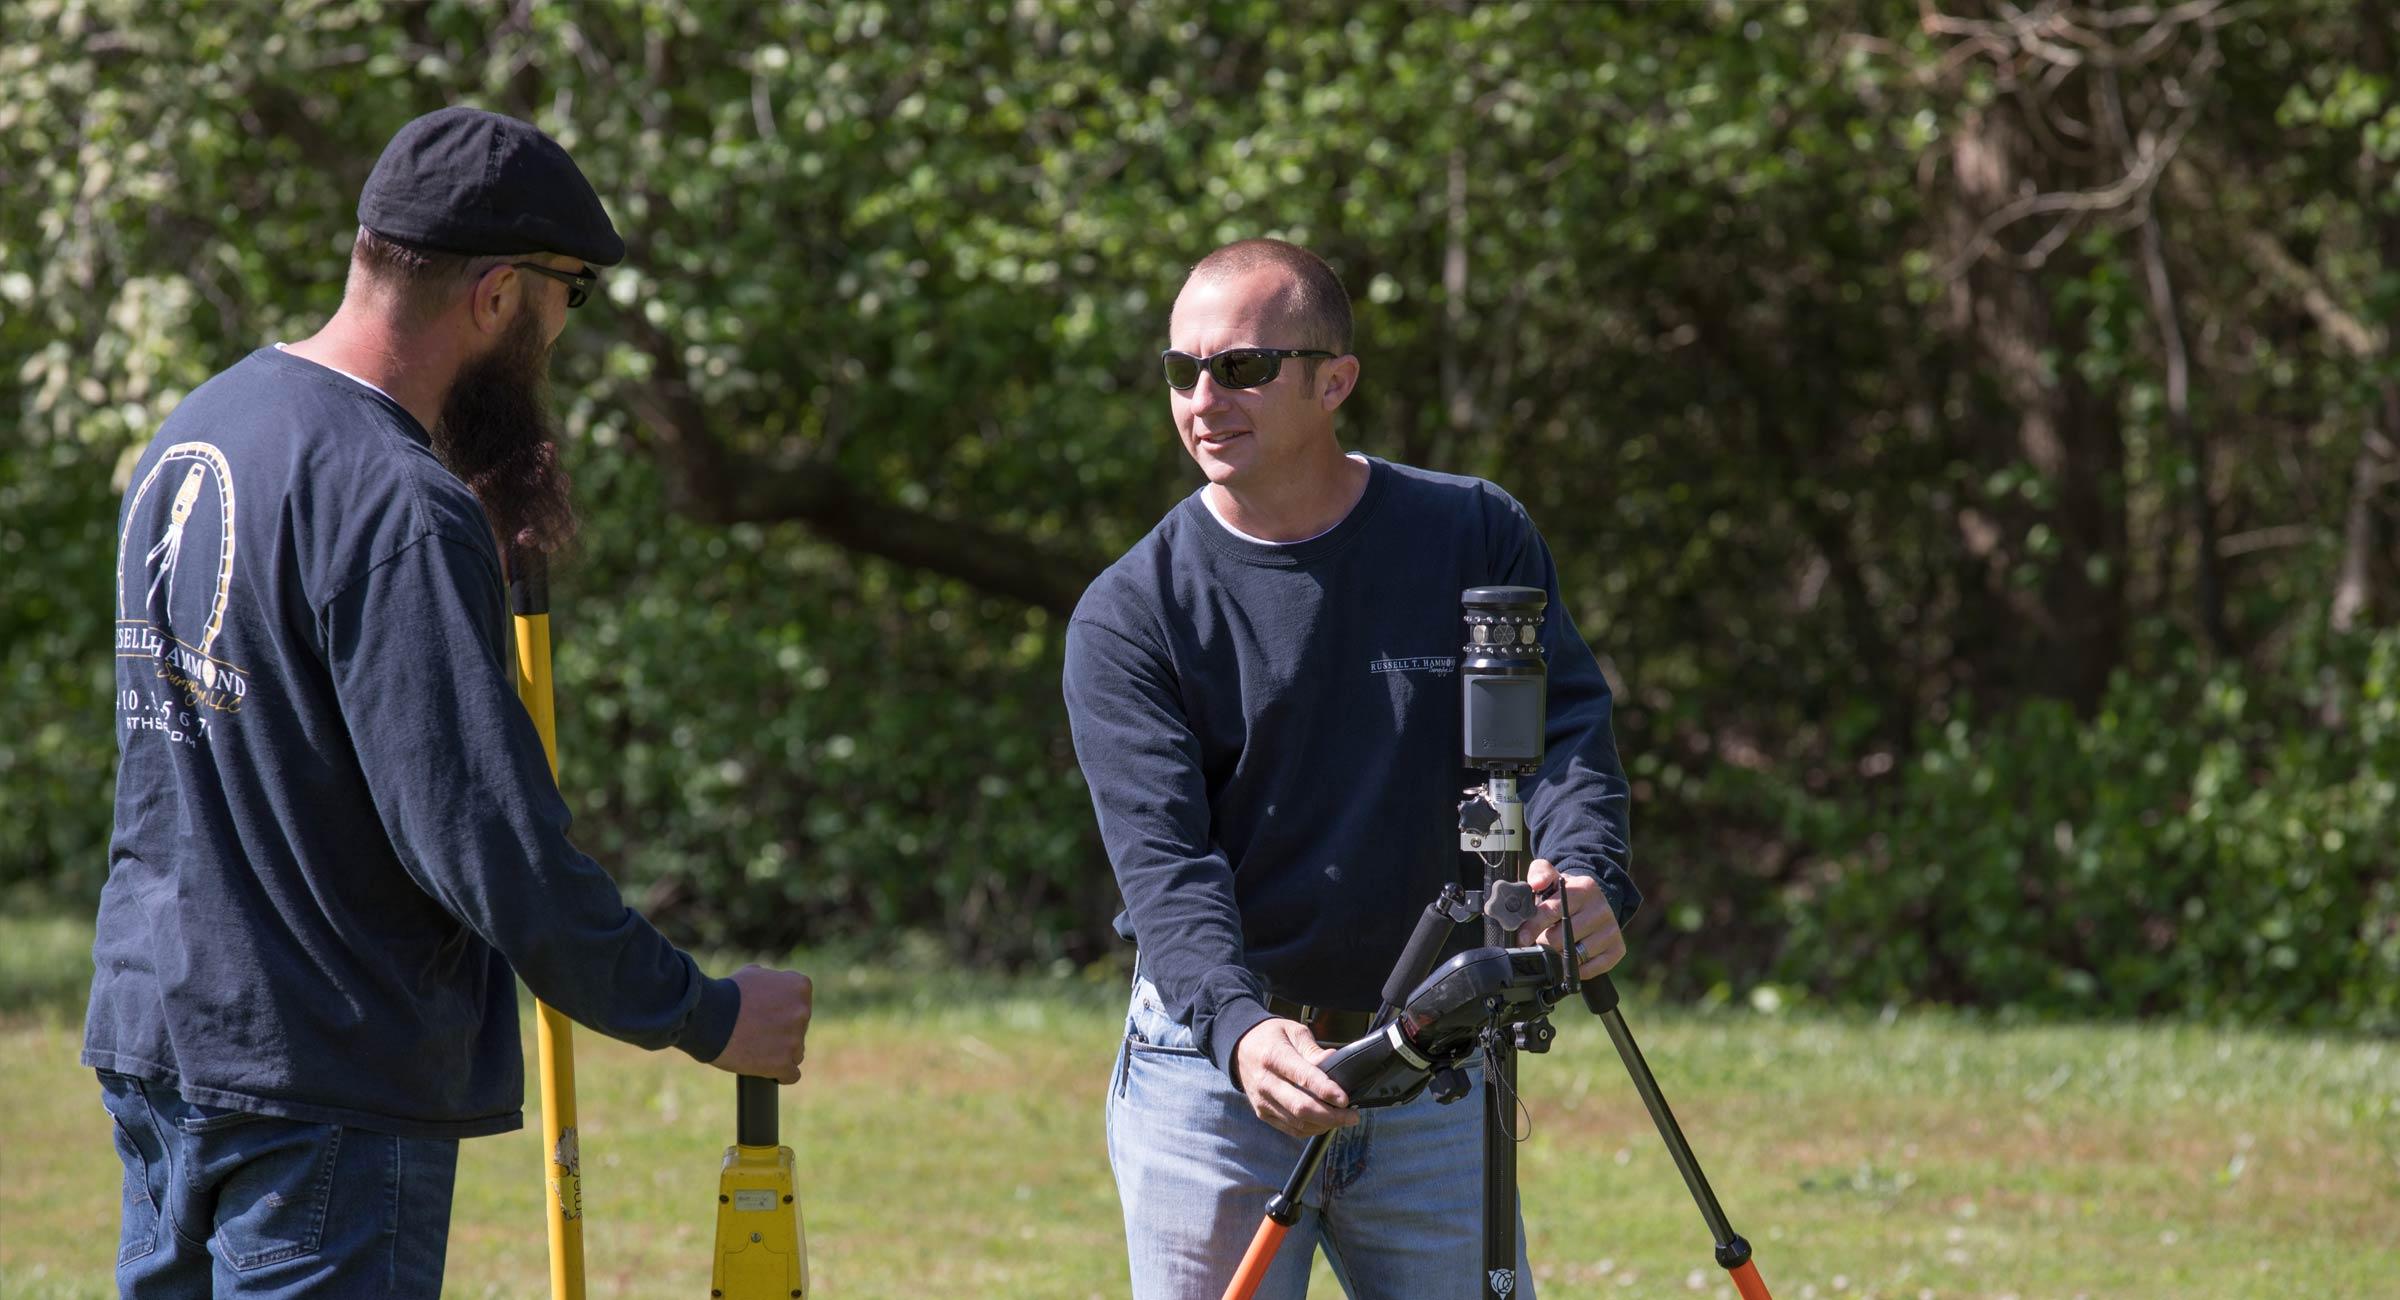 Surveyor at work on land plot